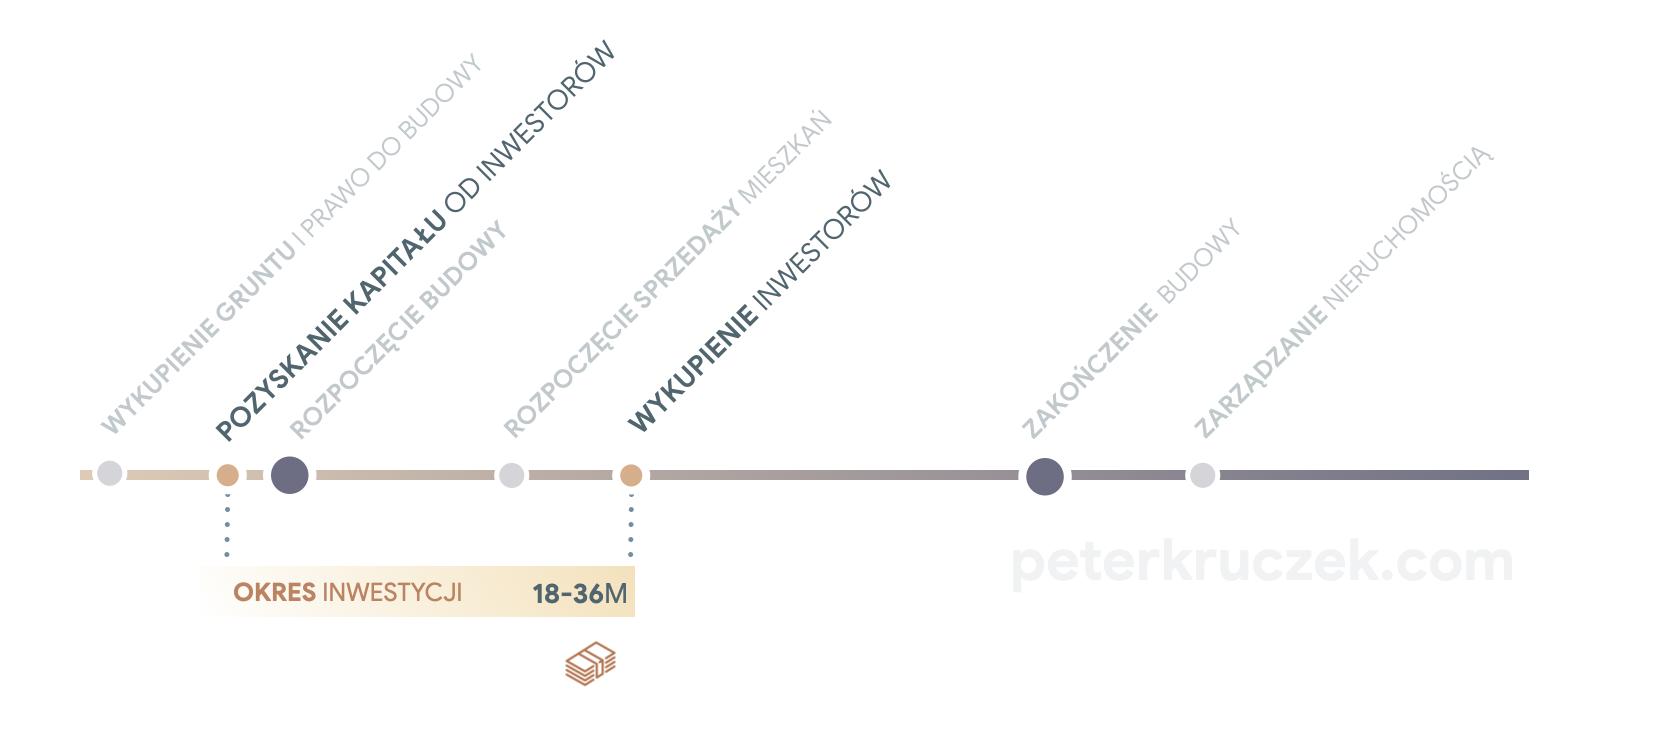 Inwestycja na planie czasu - Piotr Kruczek